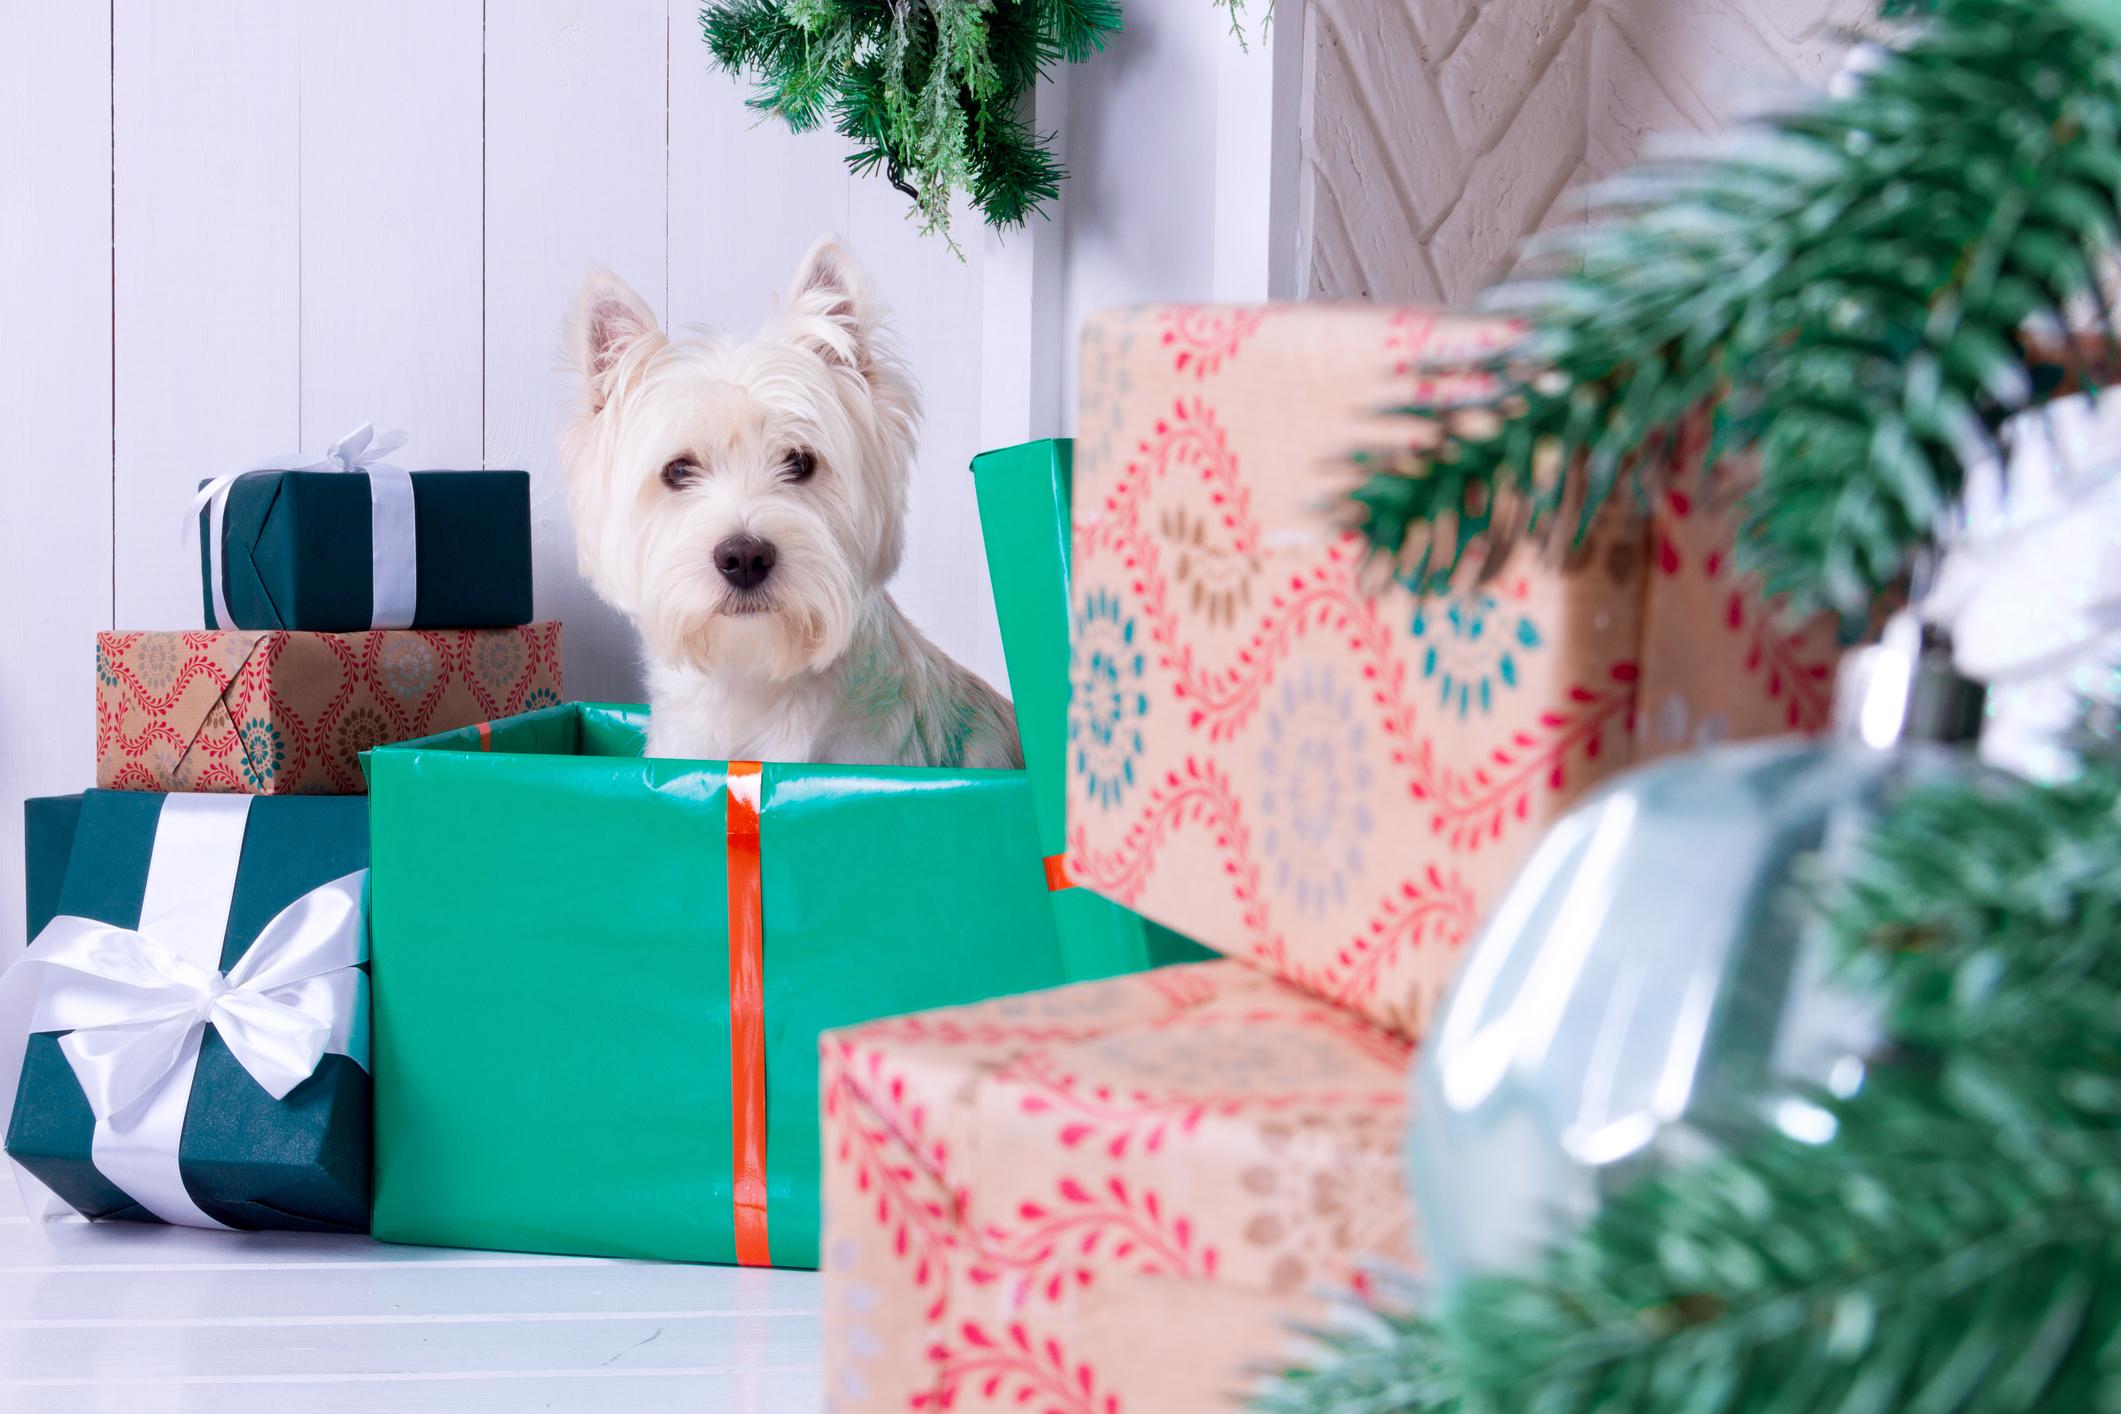 holiday dog - nov 30, 2018.jpg